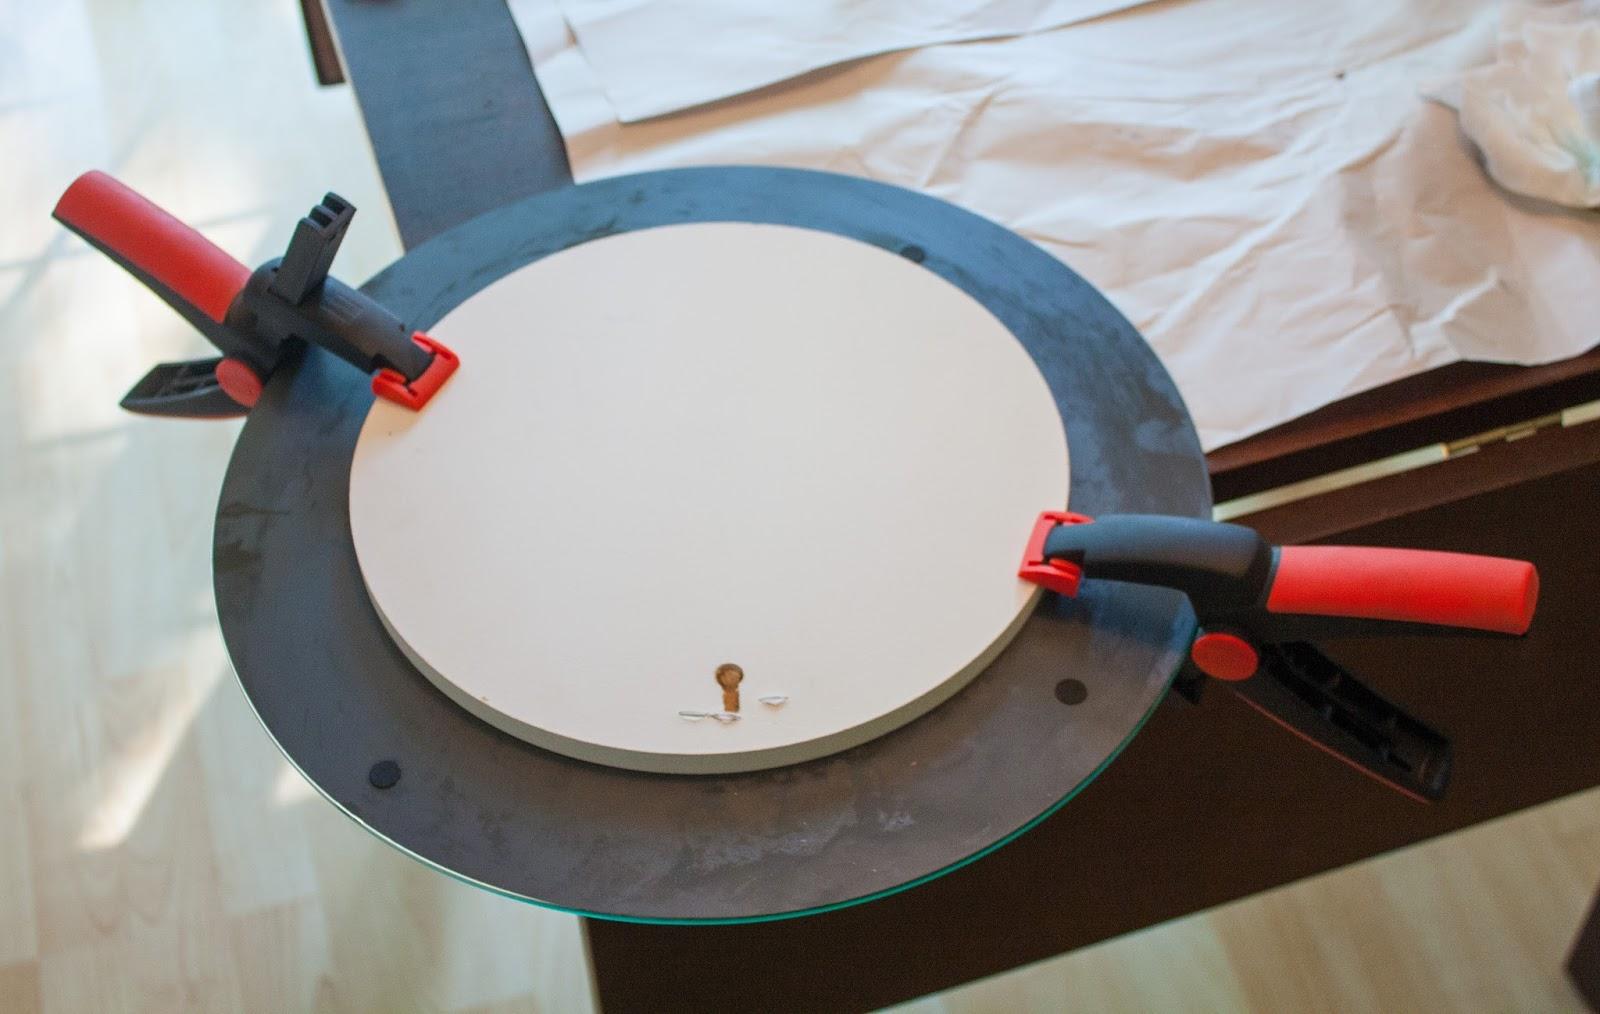 Proyecto decorativo crea tu propio espejo starburst for Espejo para pegar en puerta